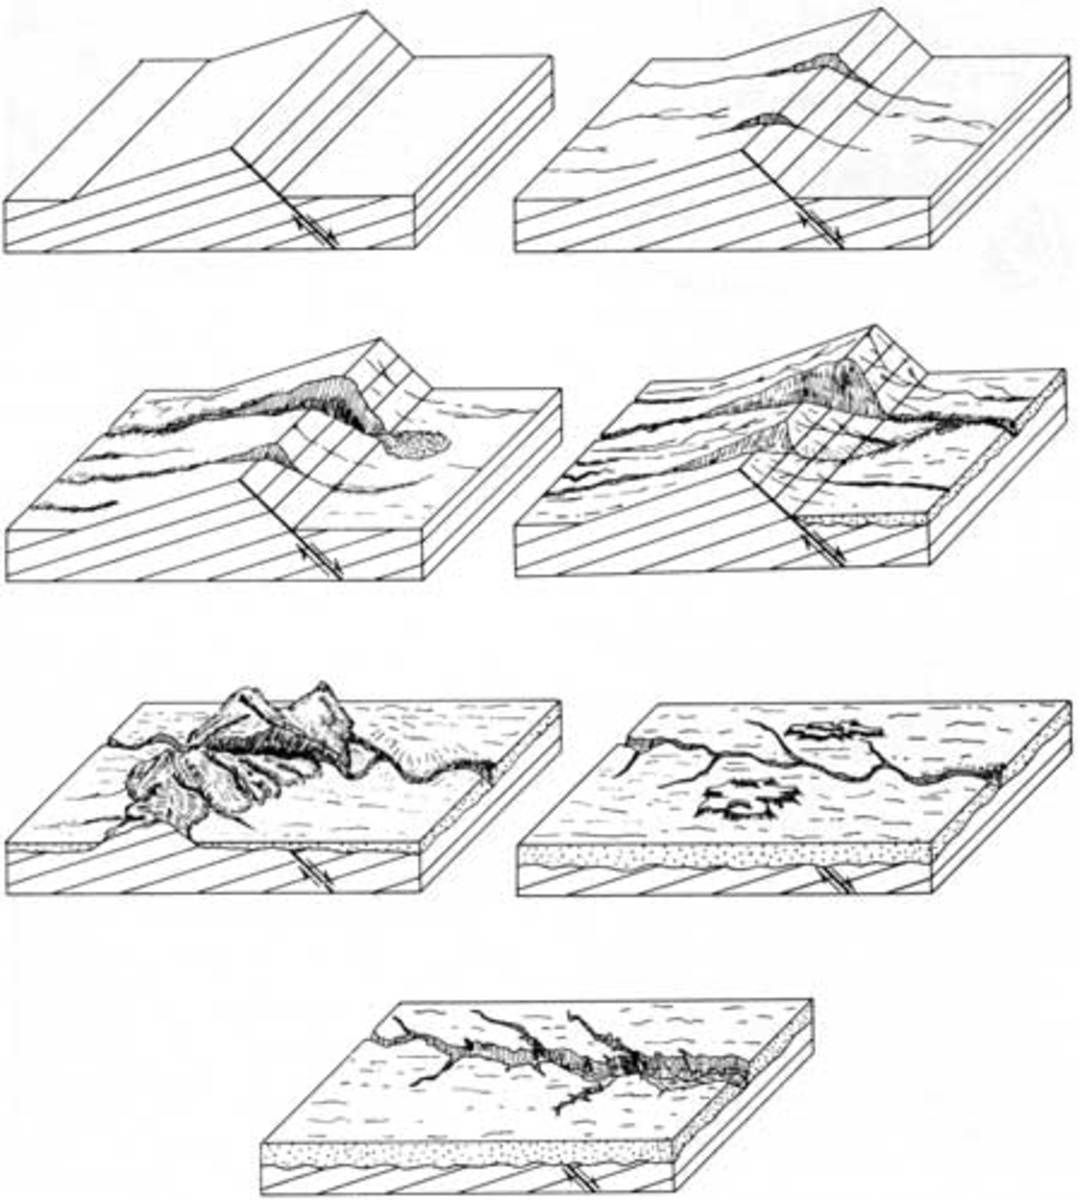 magma intrusion diagram